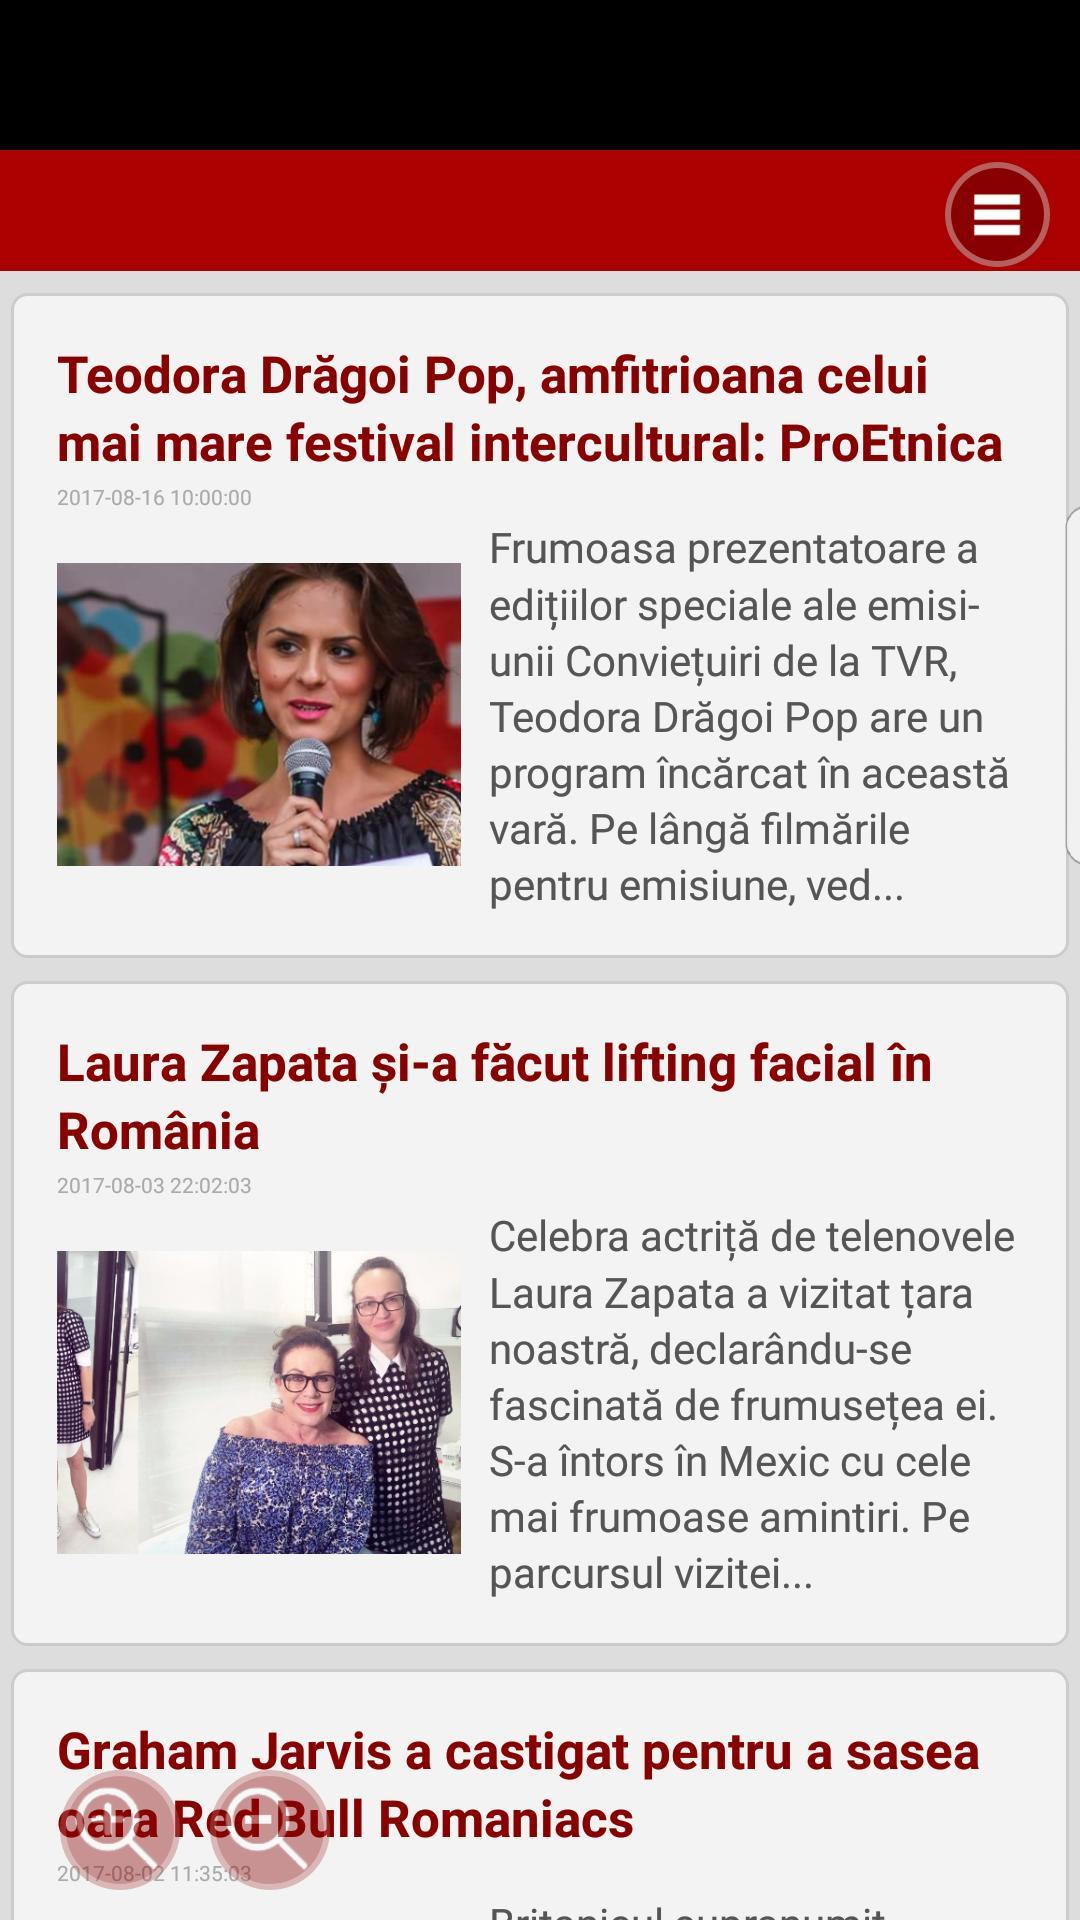 opțiuni site de știri